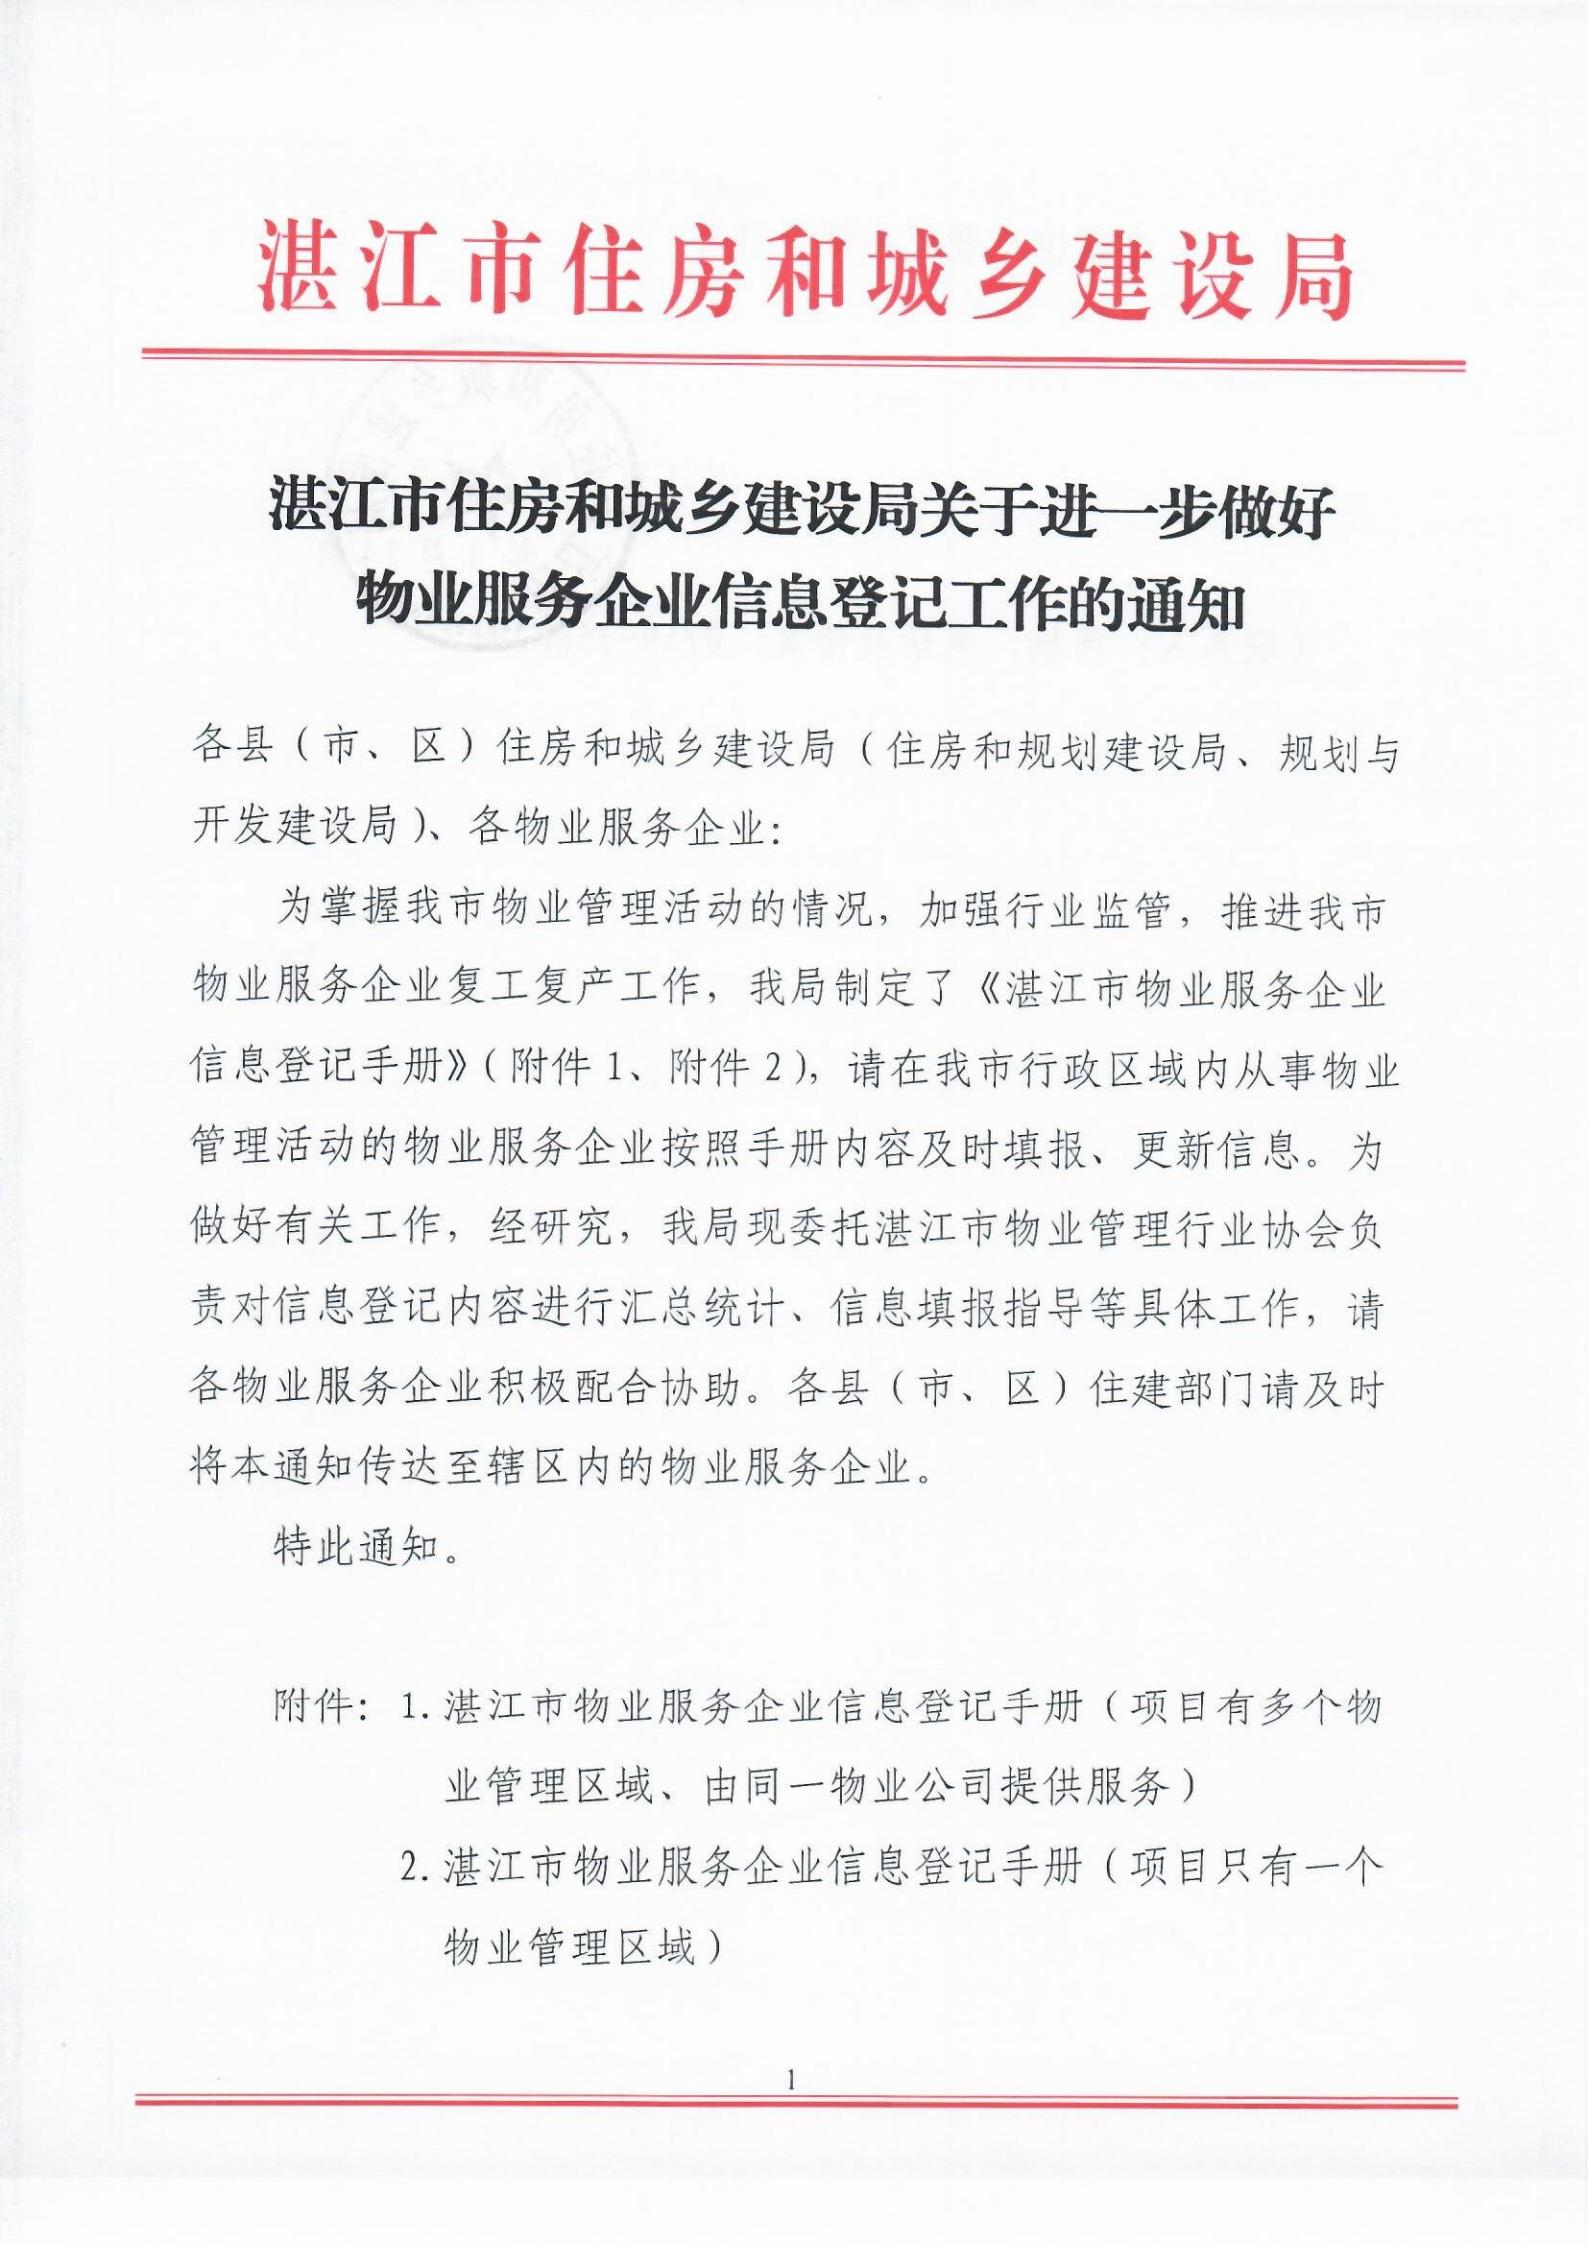 湛江市住建局关于进一步做好物业服务企业信息登记工作的通知